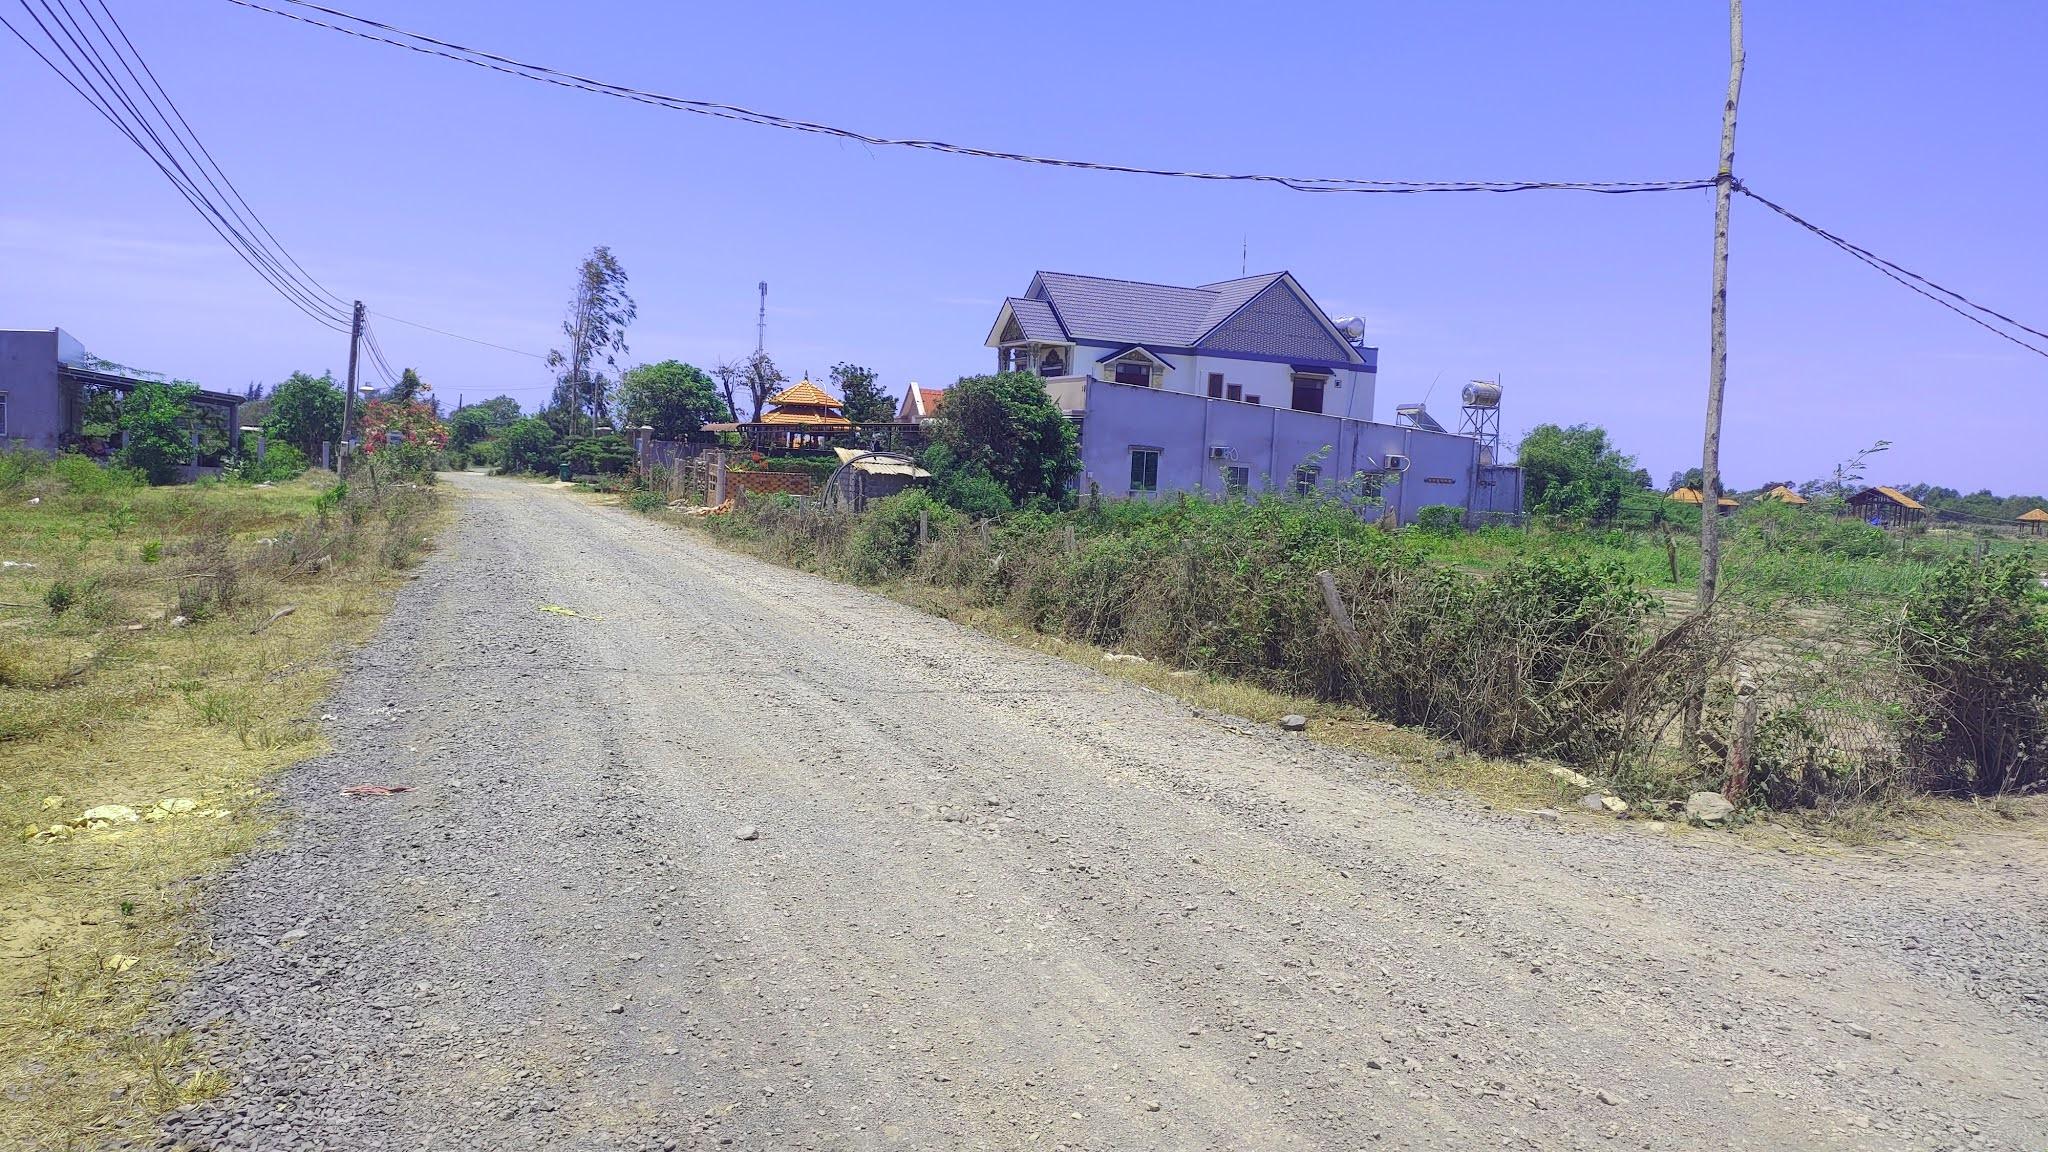 câng bán lô đất 2 mặt tiền đường tại hồ tràm, mặt tiền đường ODA Hồ Tràm